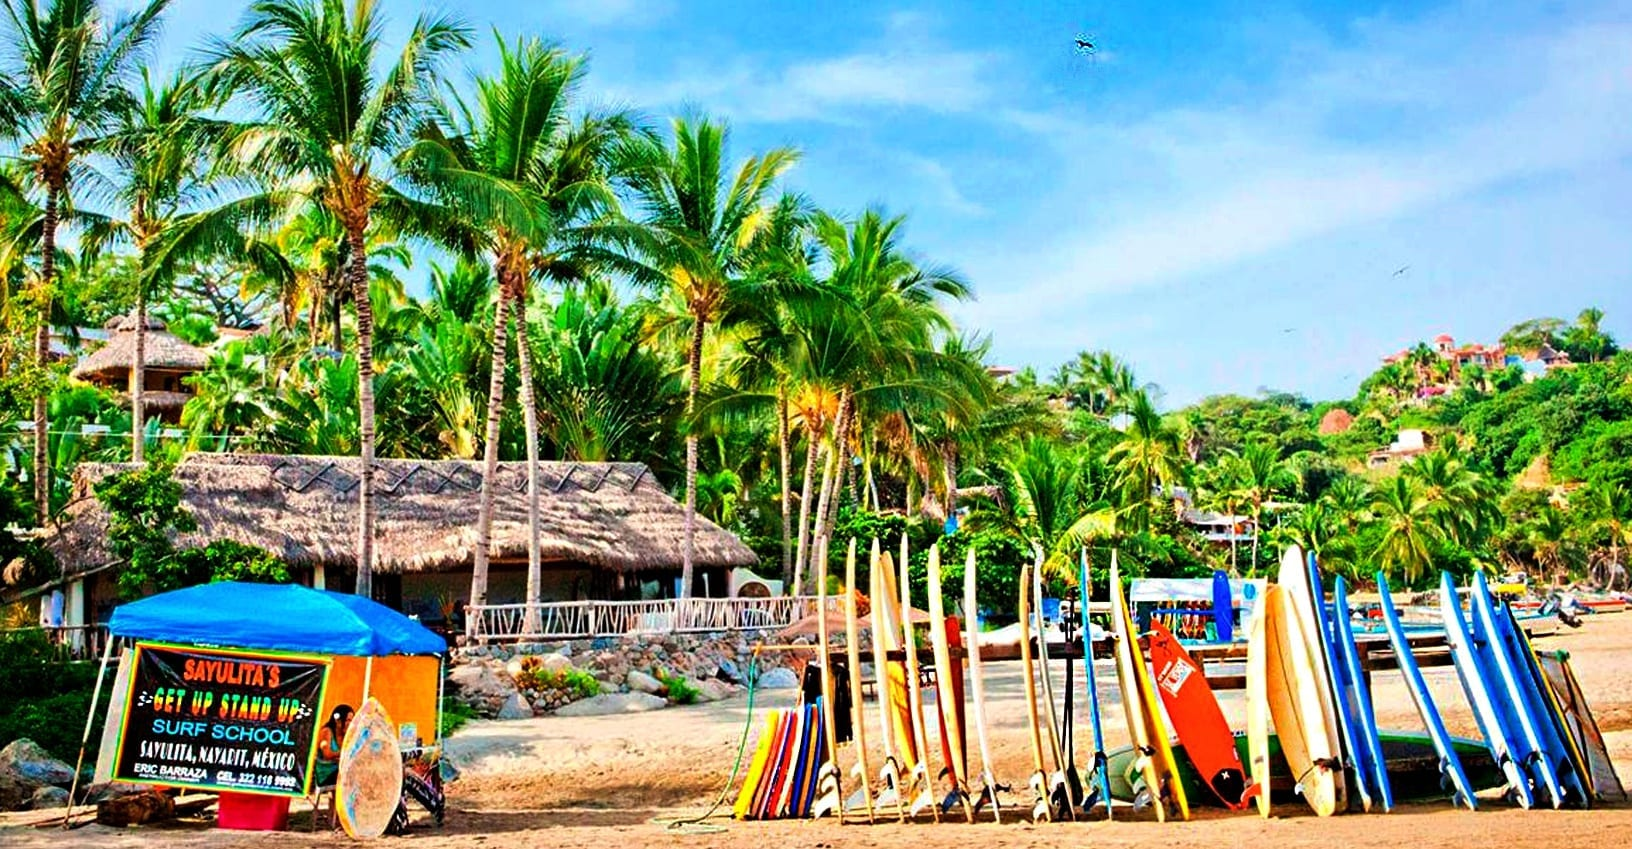 Sayulita, el pueblo mágico surfer de Nayarit.